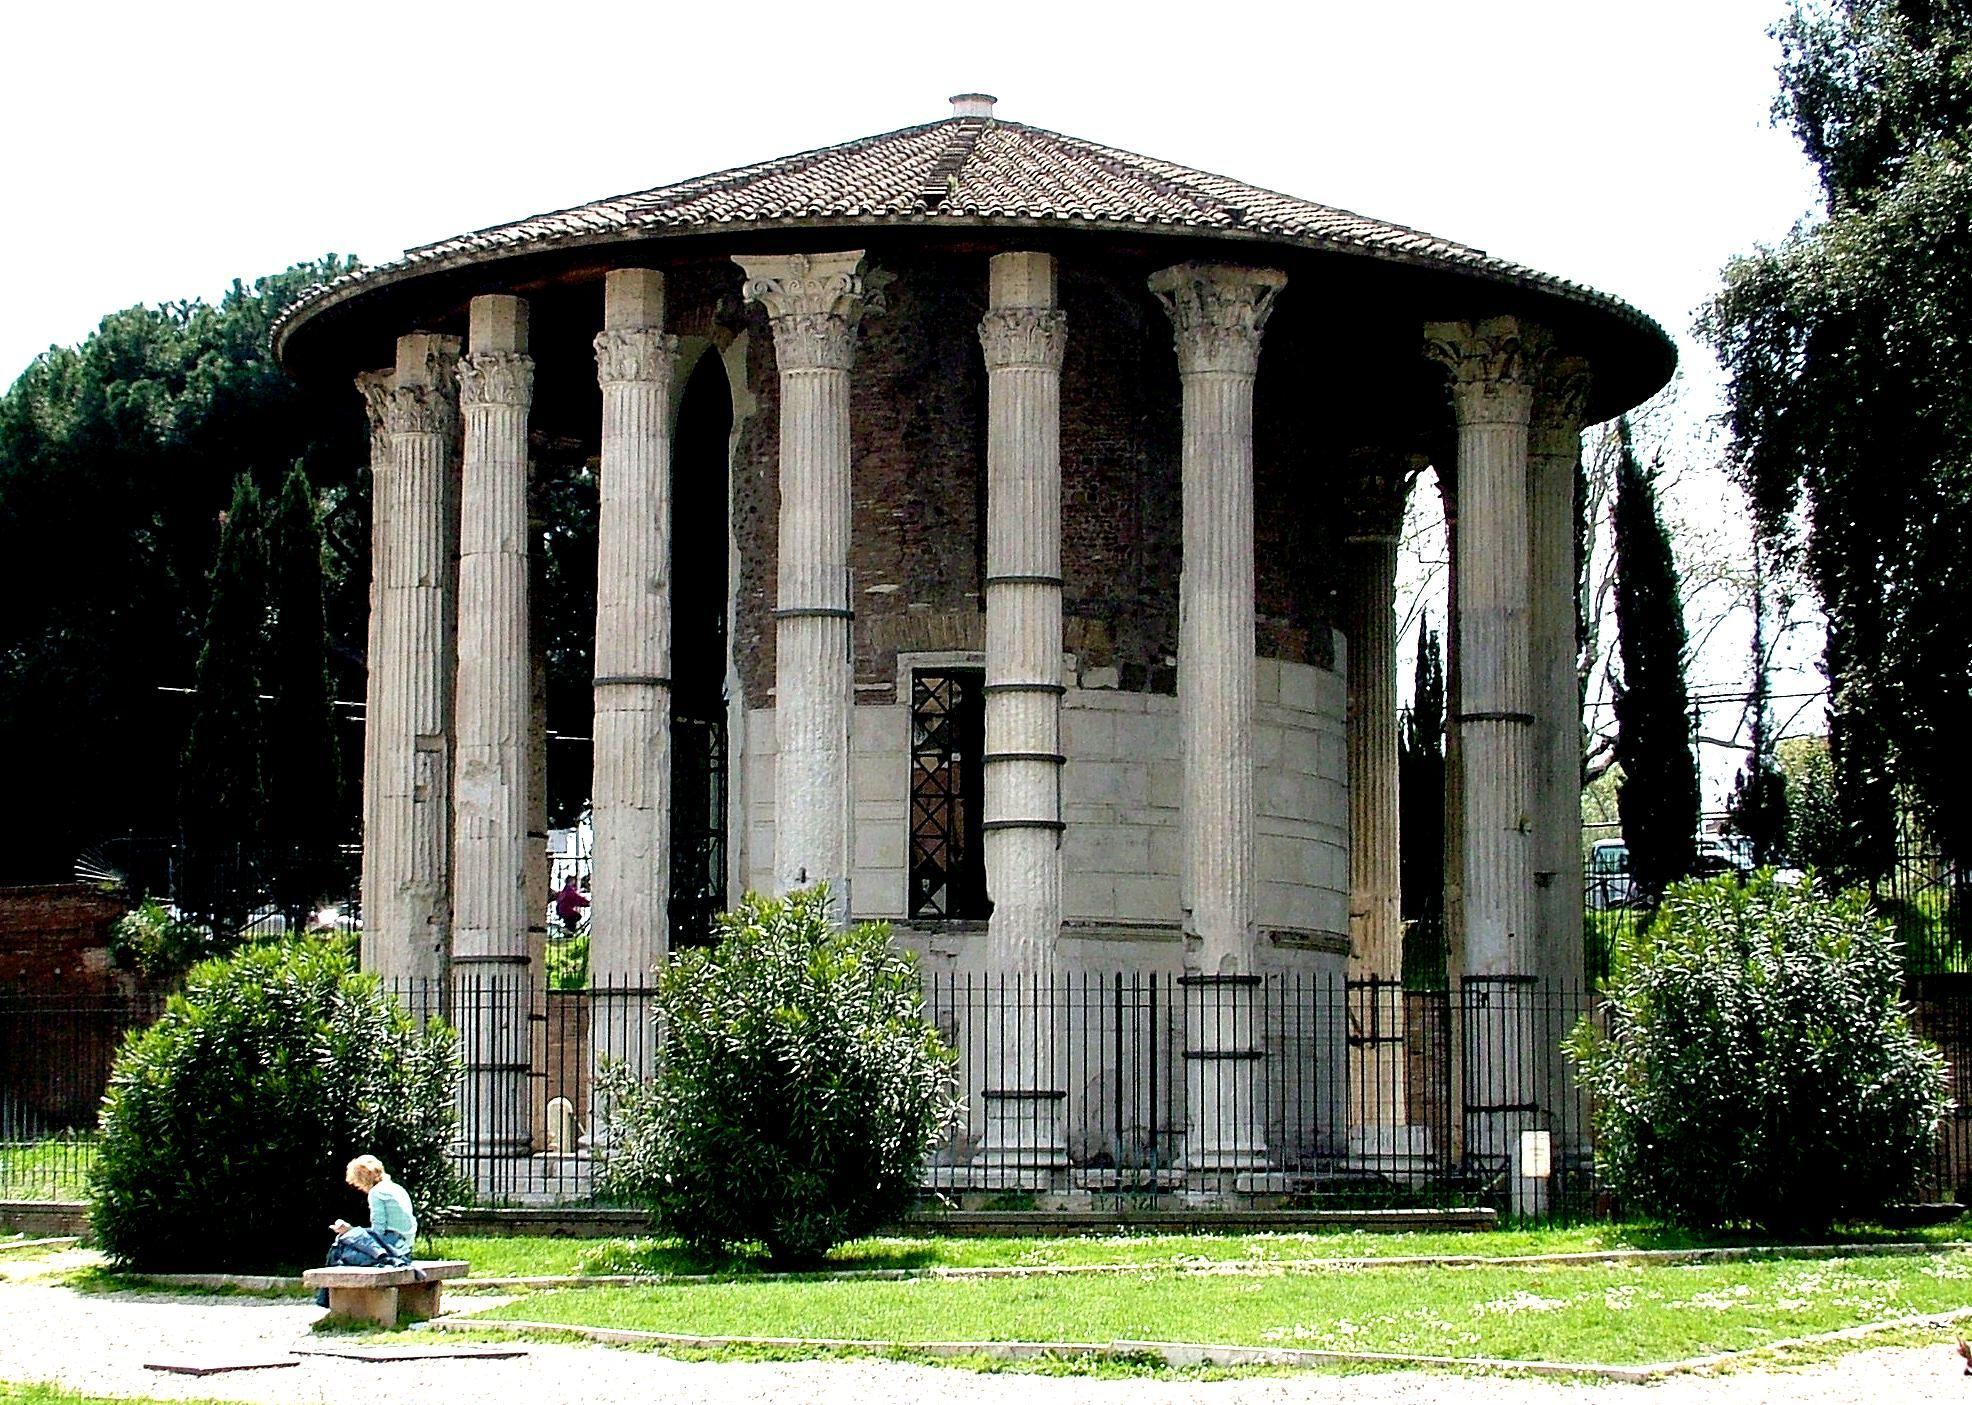 Resultado de imagen de roman round temple of vesta